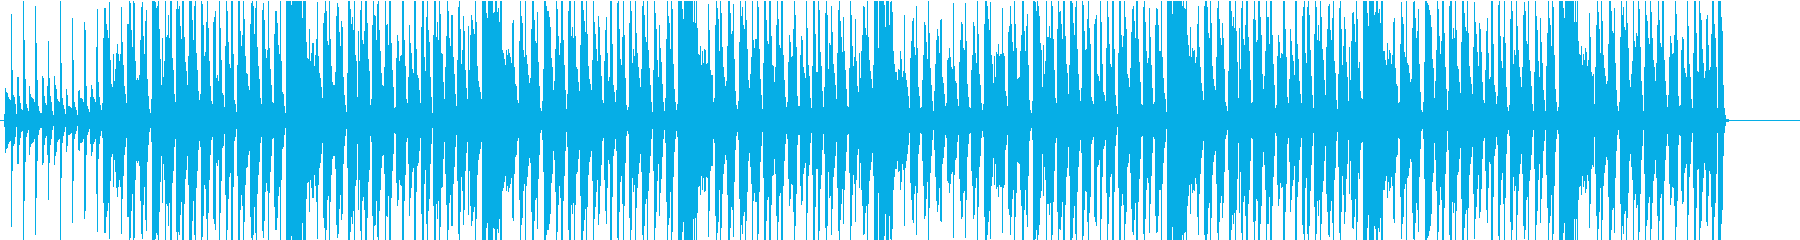 楽しく軽快なハロウィンの再生済みの波形